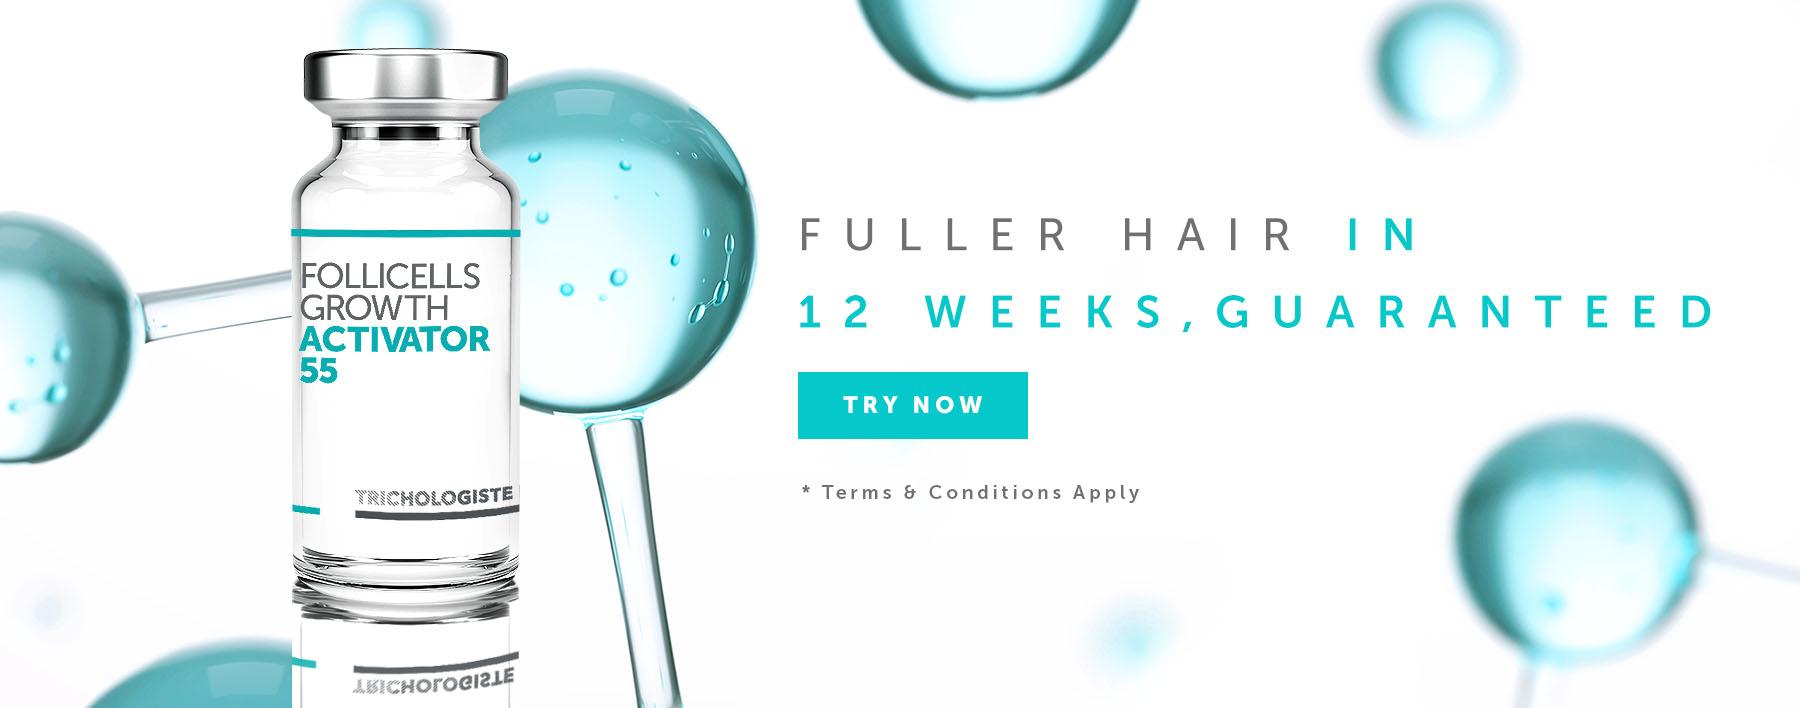 Fuller Hair in 12 weeks, Guaranteed